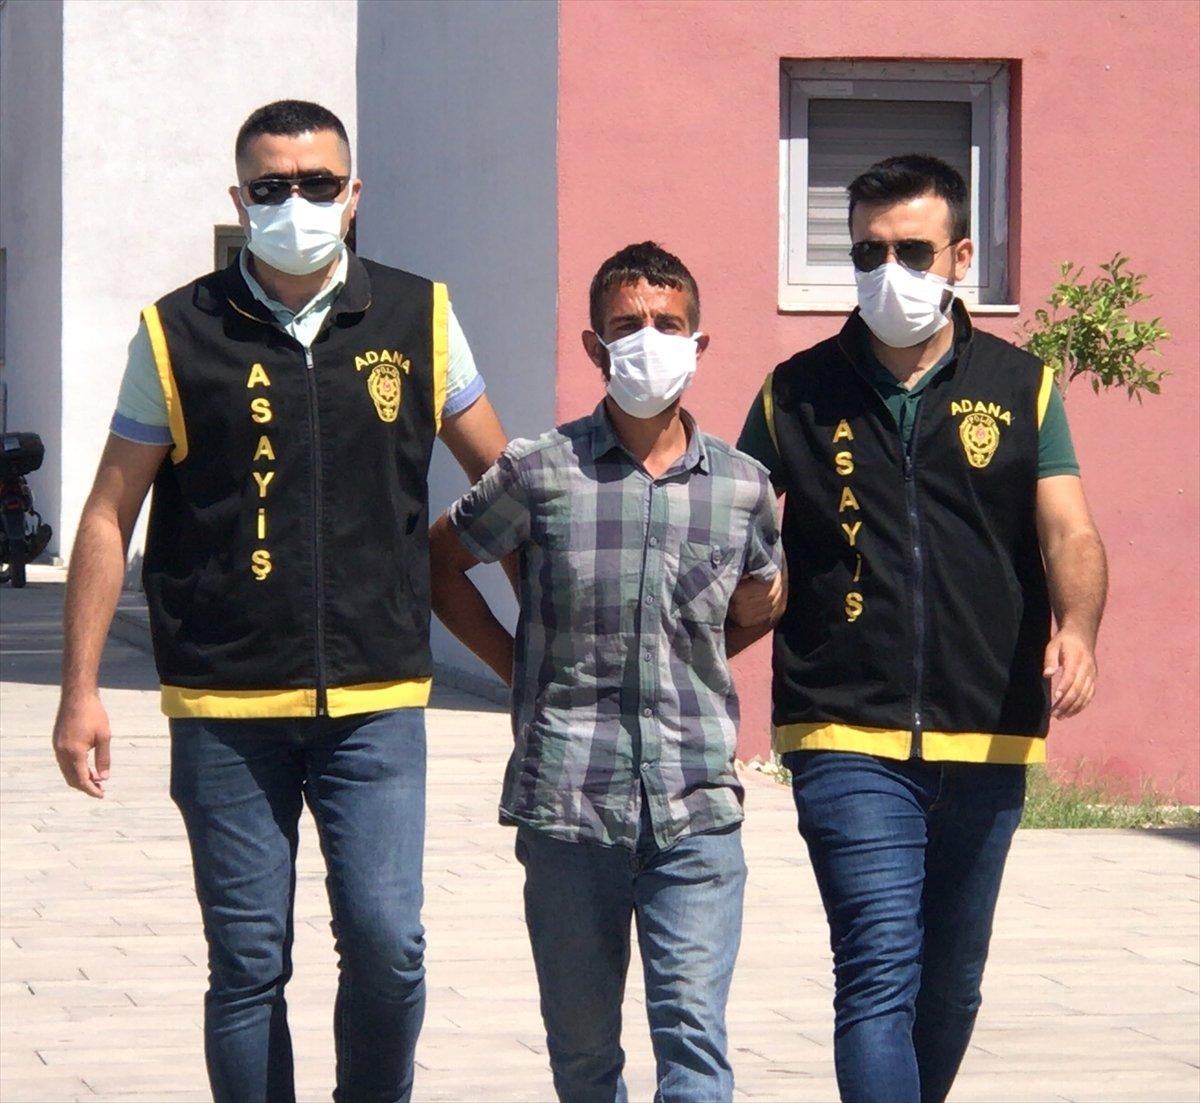 Adana da hastaneden refakatçilerin eşyasını çalan 3 hırsız tutuklandı #1